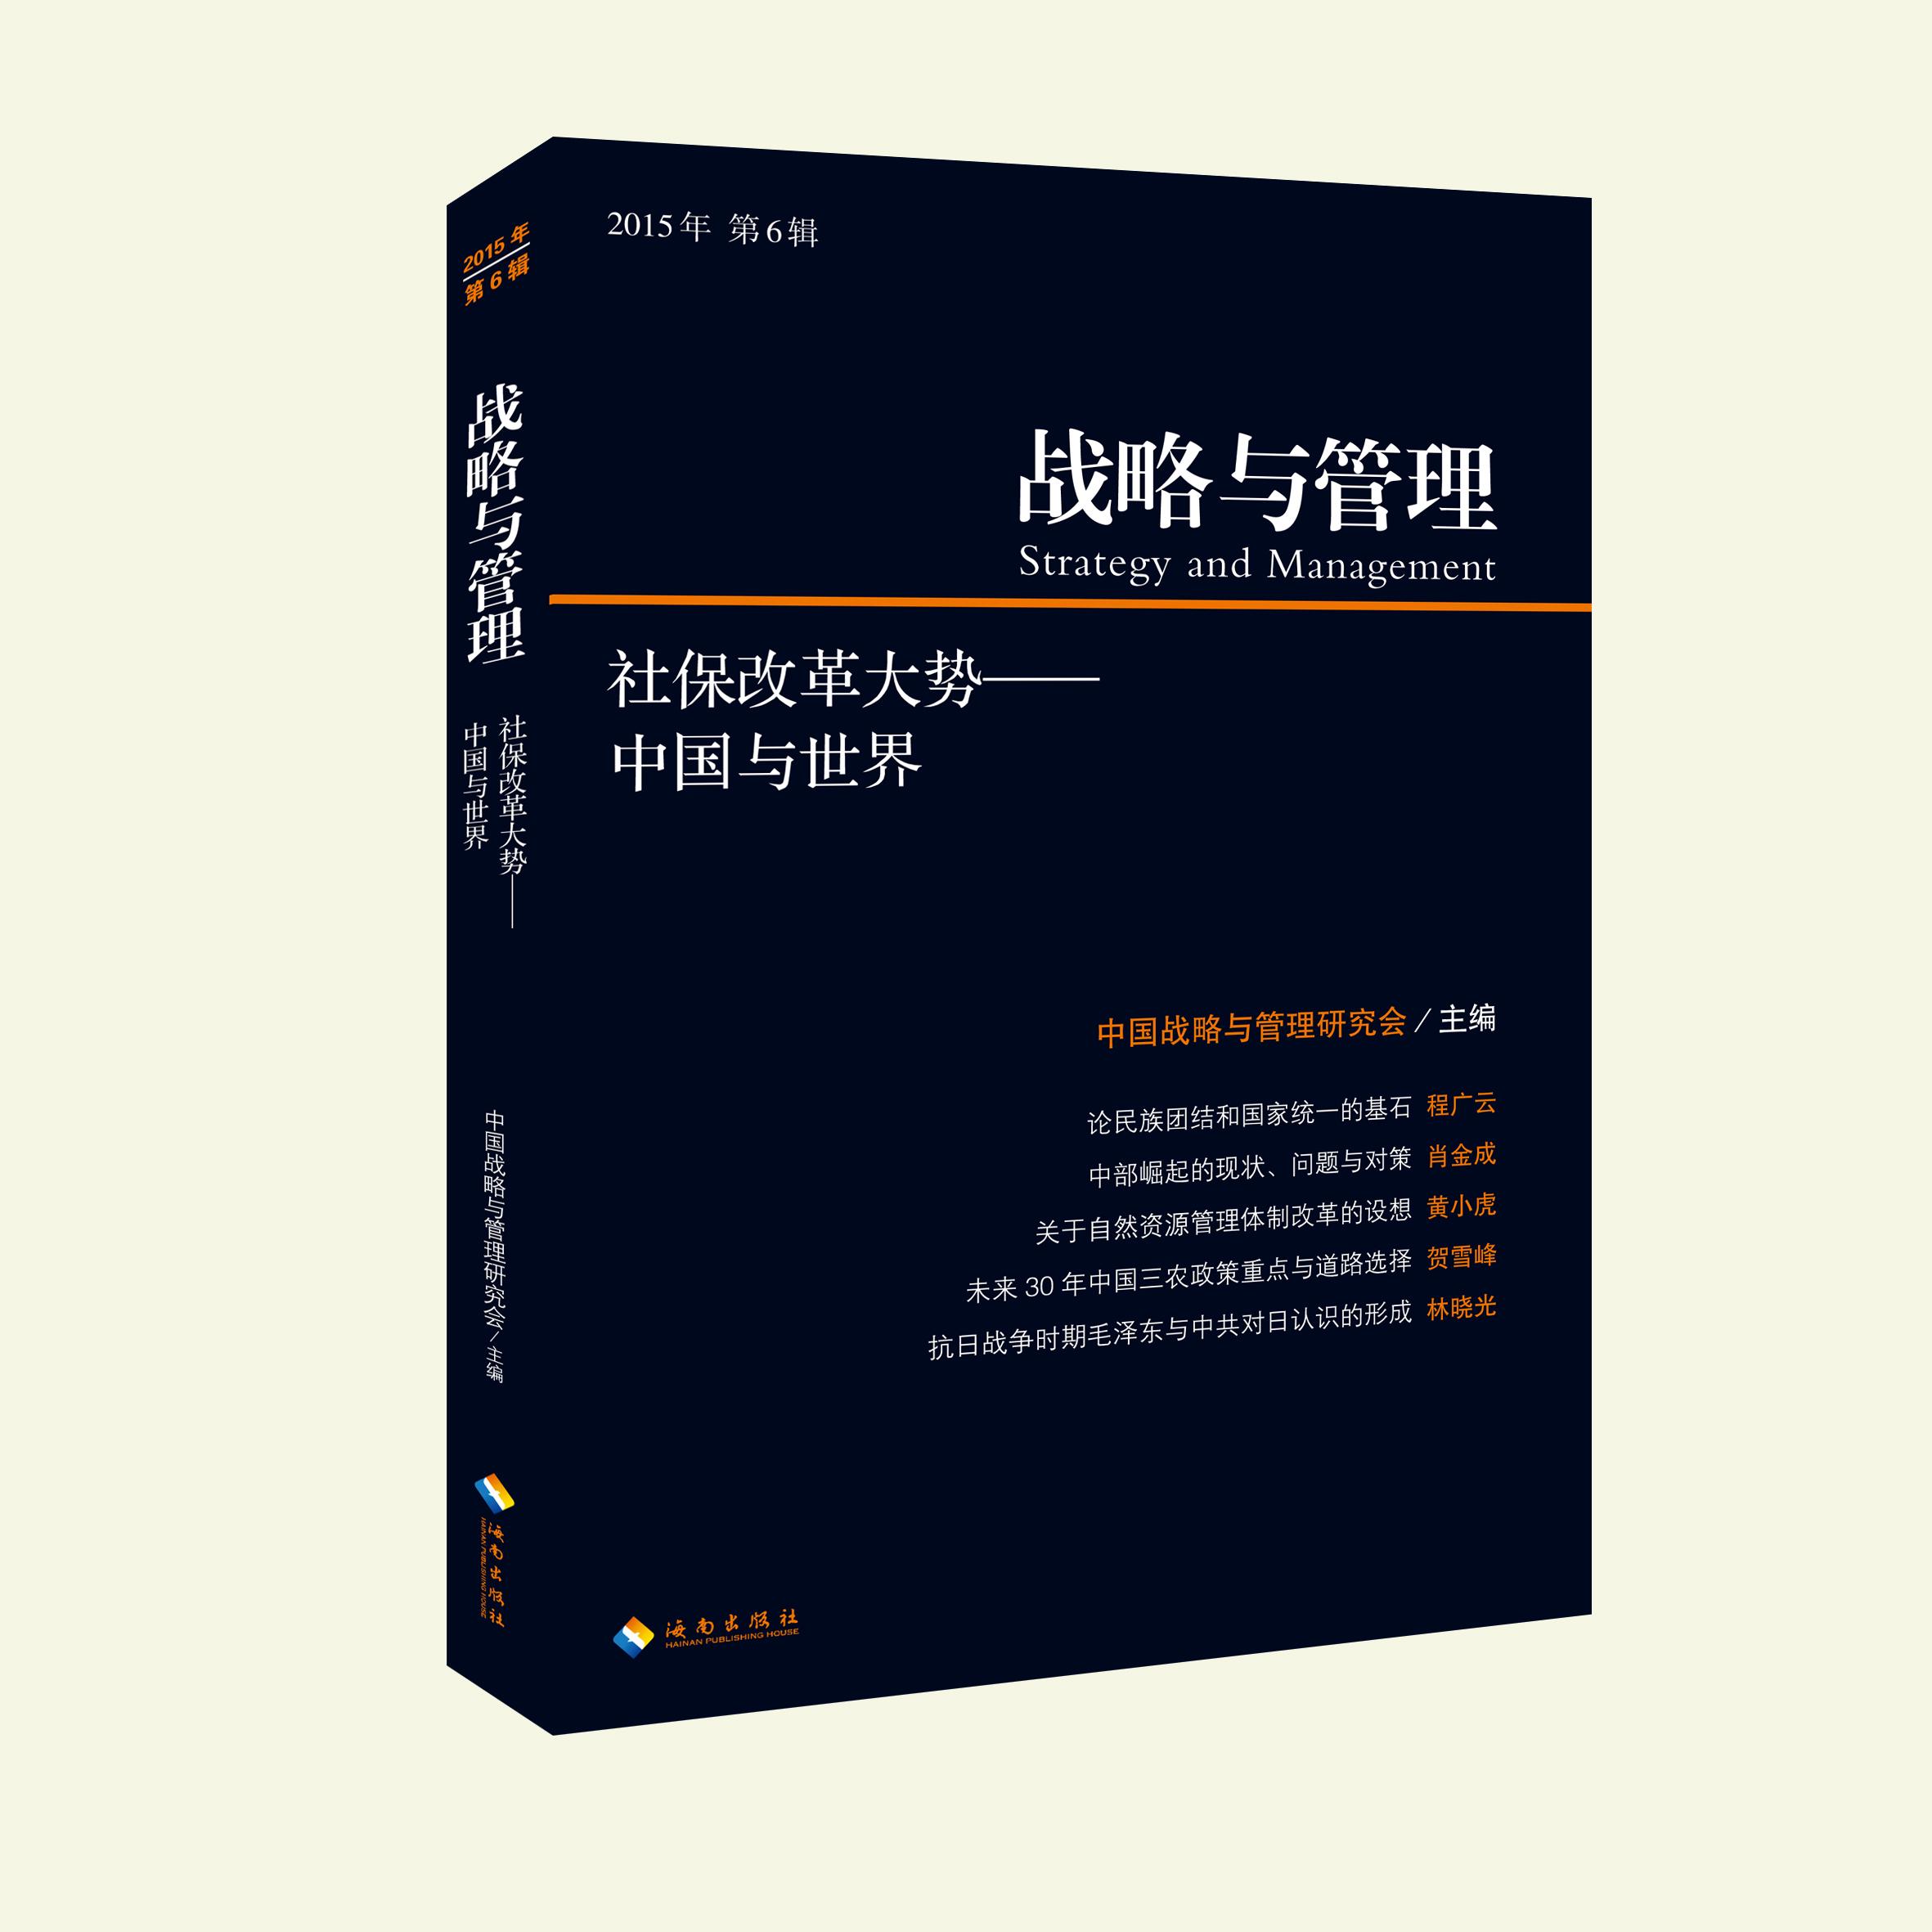 战略与管理 2015年第 6辑 社保改革大势 : 中国与世界